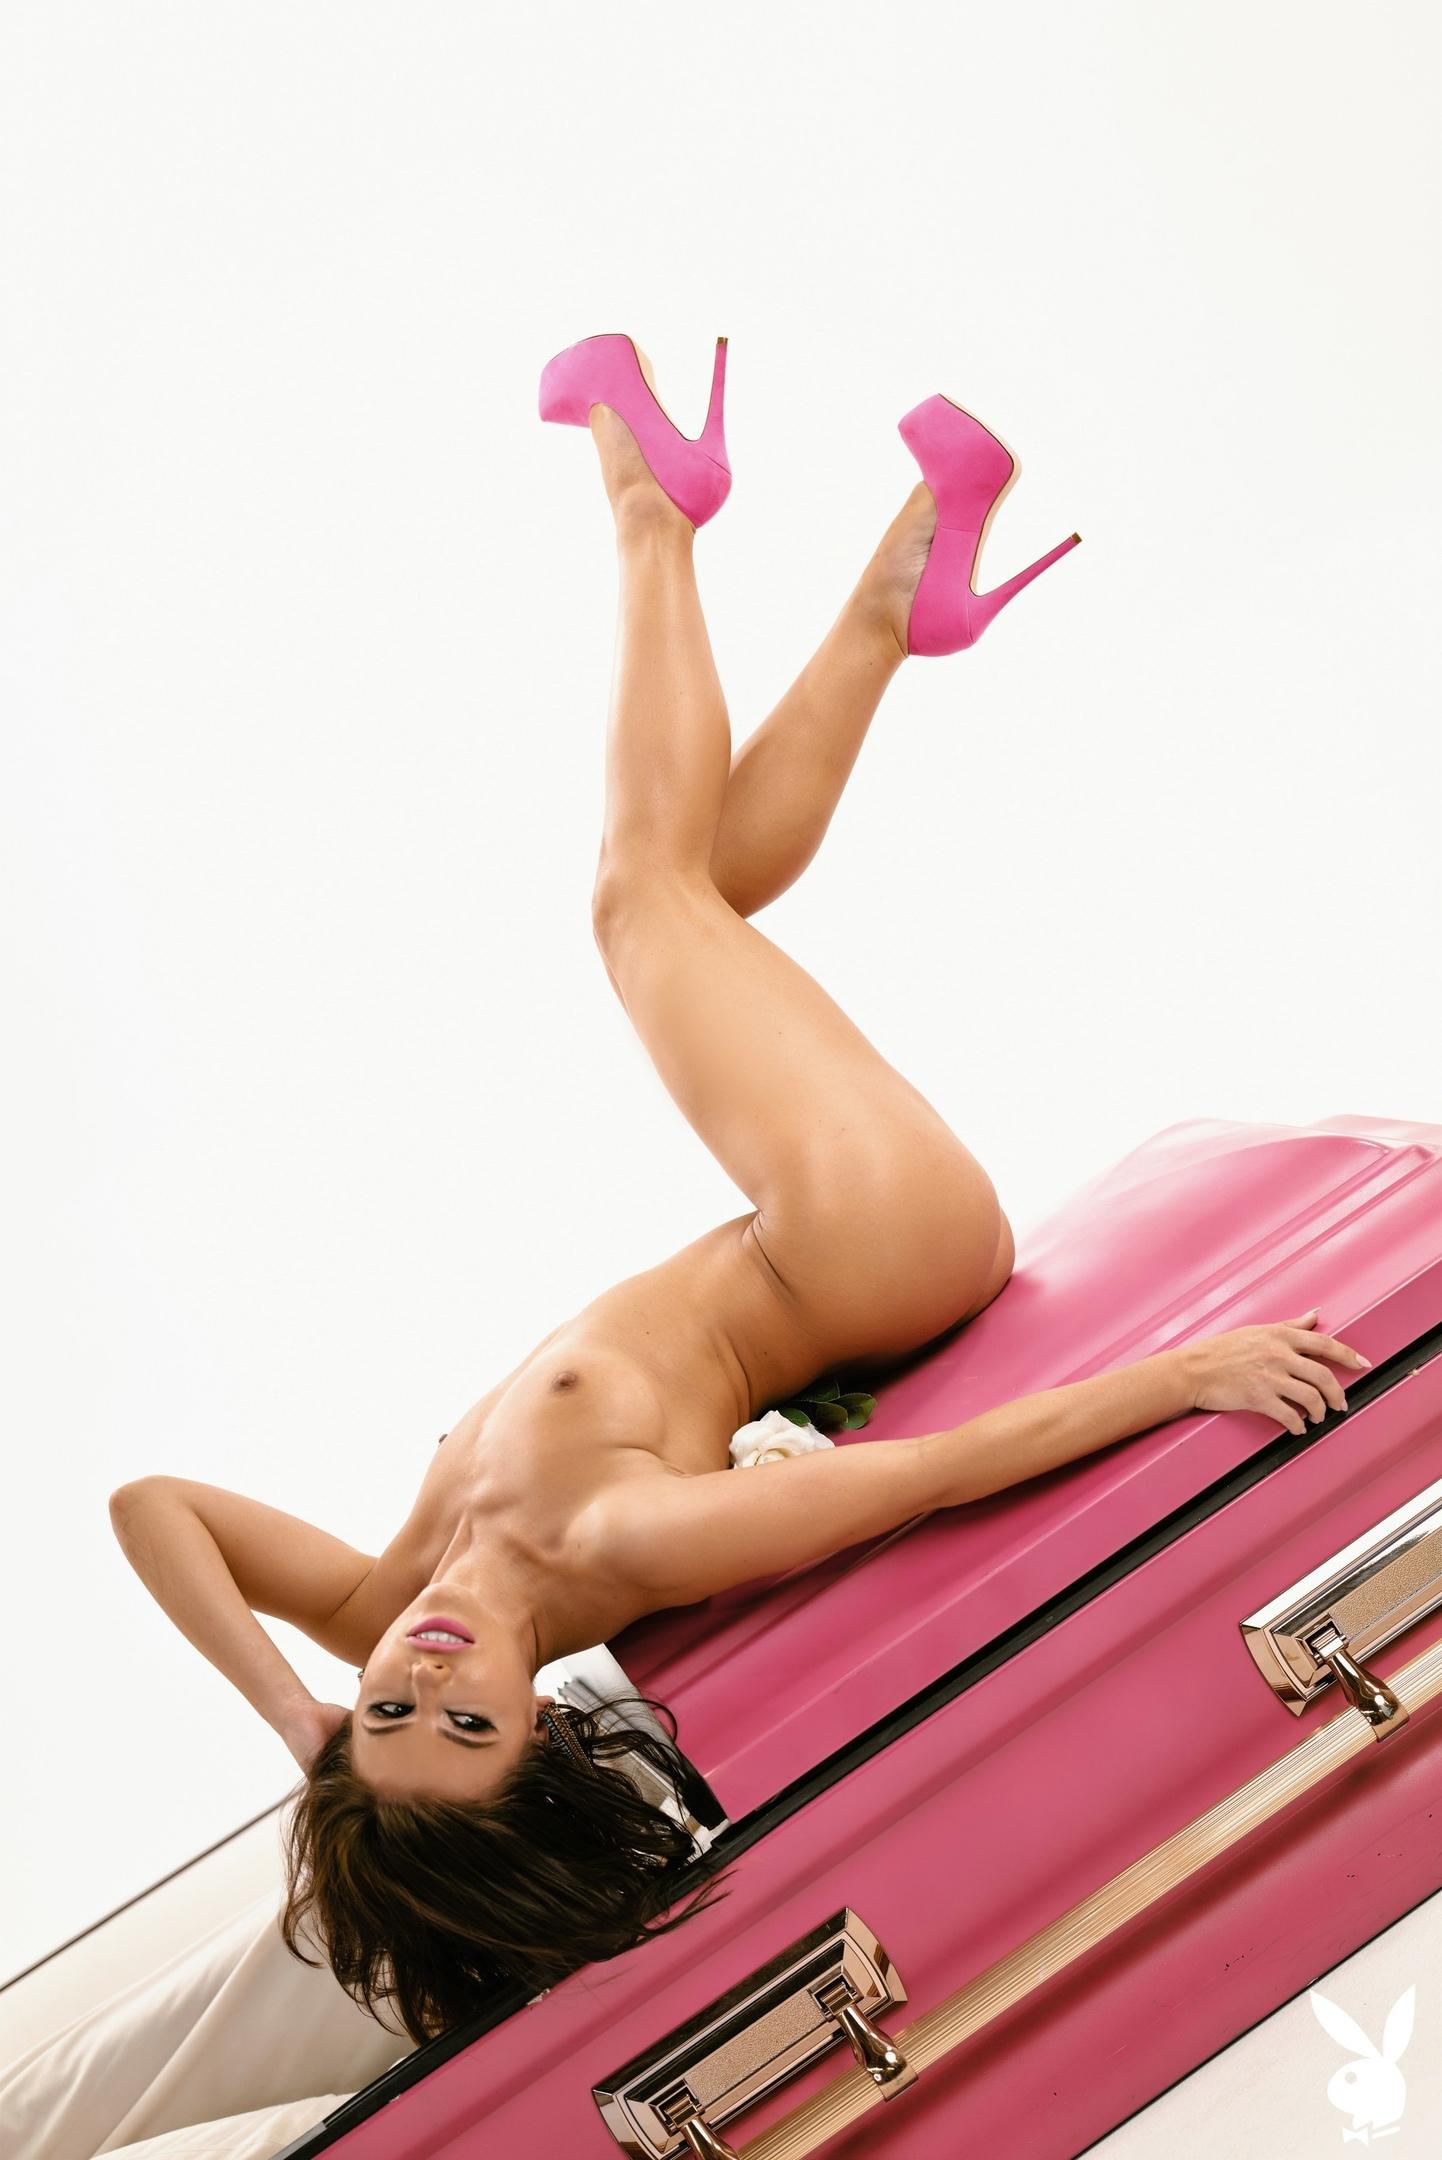 Модель: Adriana Chechik (Arianna)